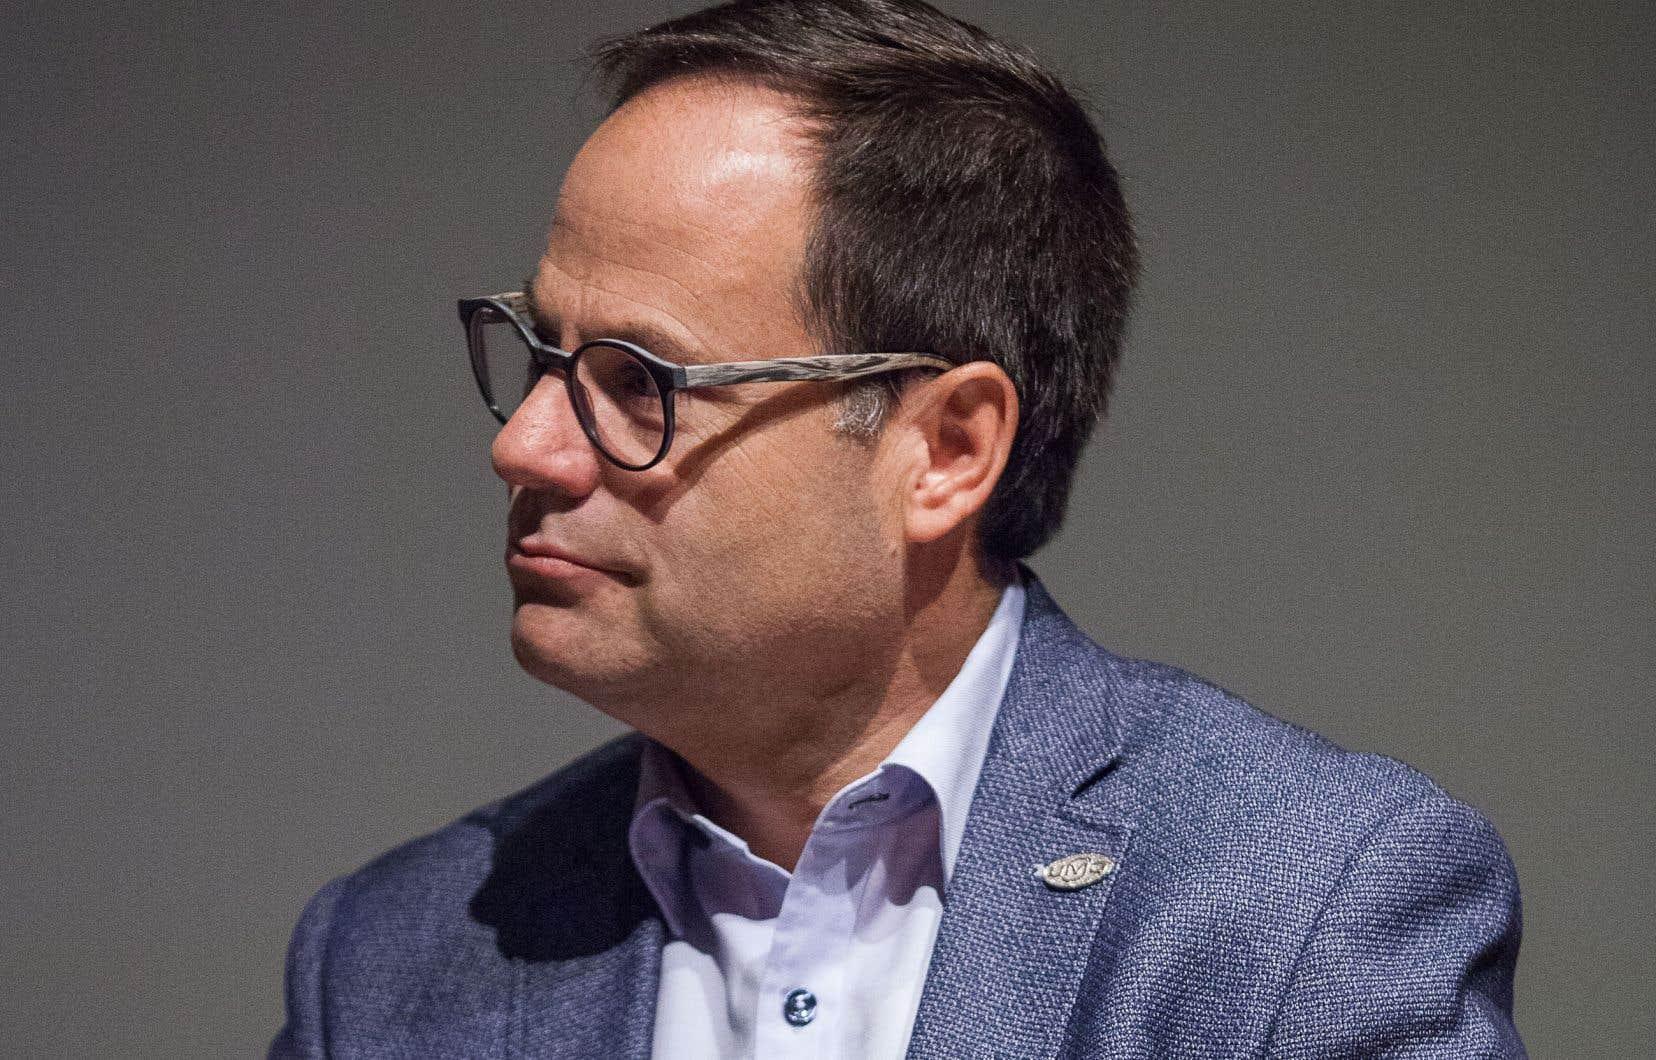 Le maire de Drummondville restera en poste jusqu'au 31janvier, le temps de compléter la transition à la tête de la ville qu'il dirige depuis 2013.